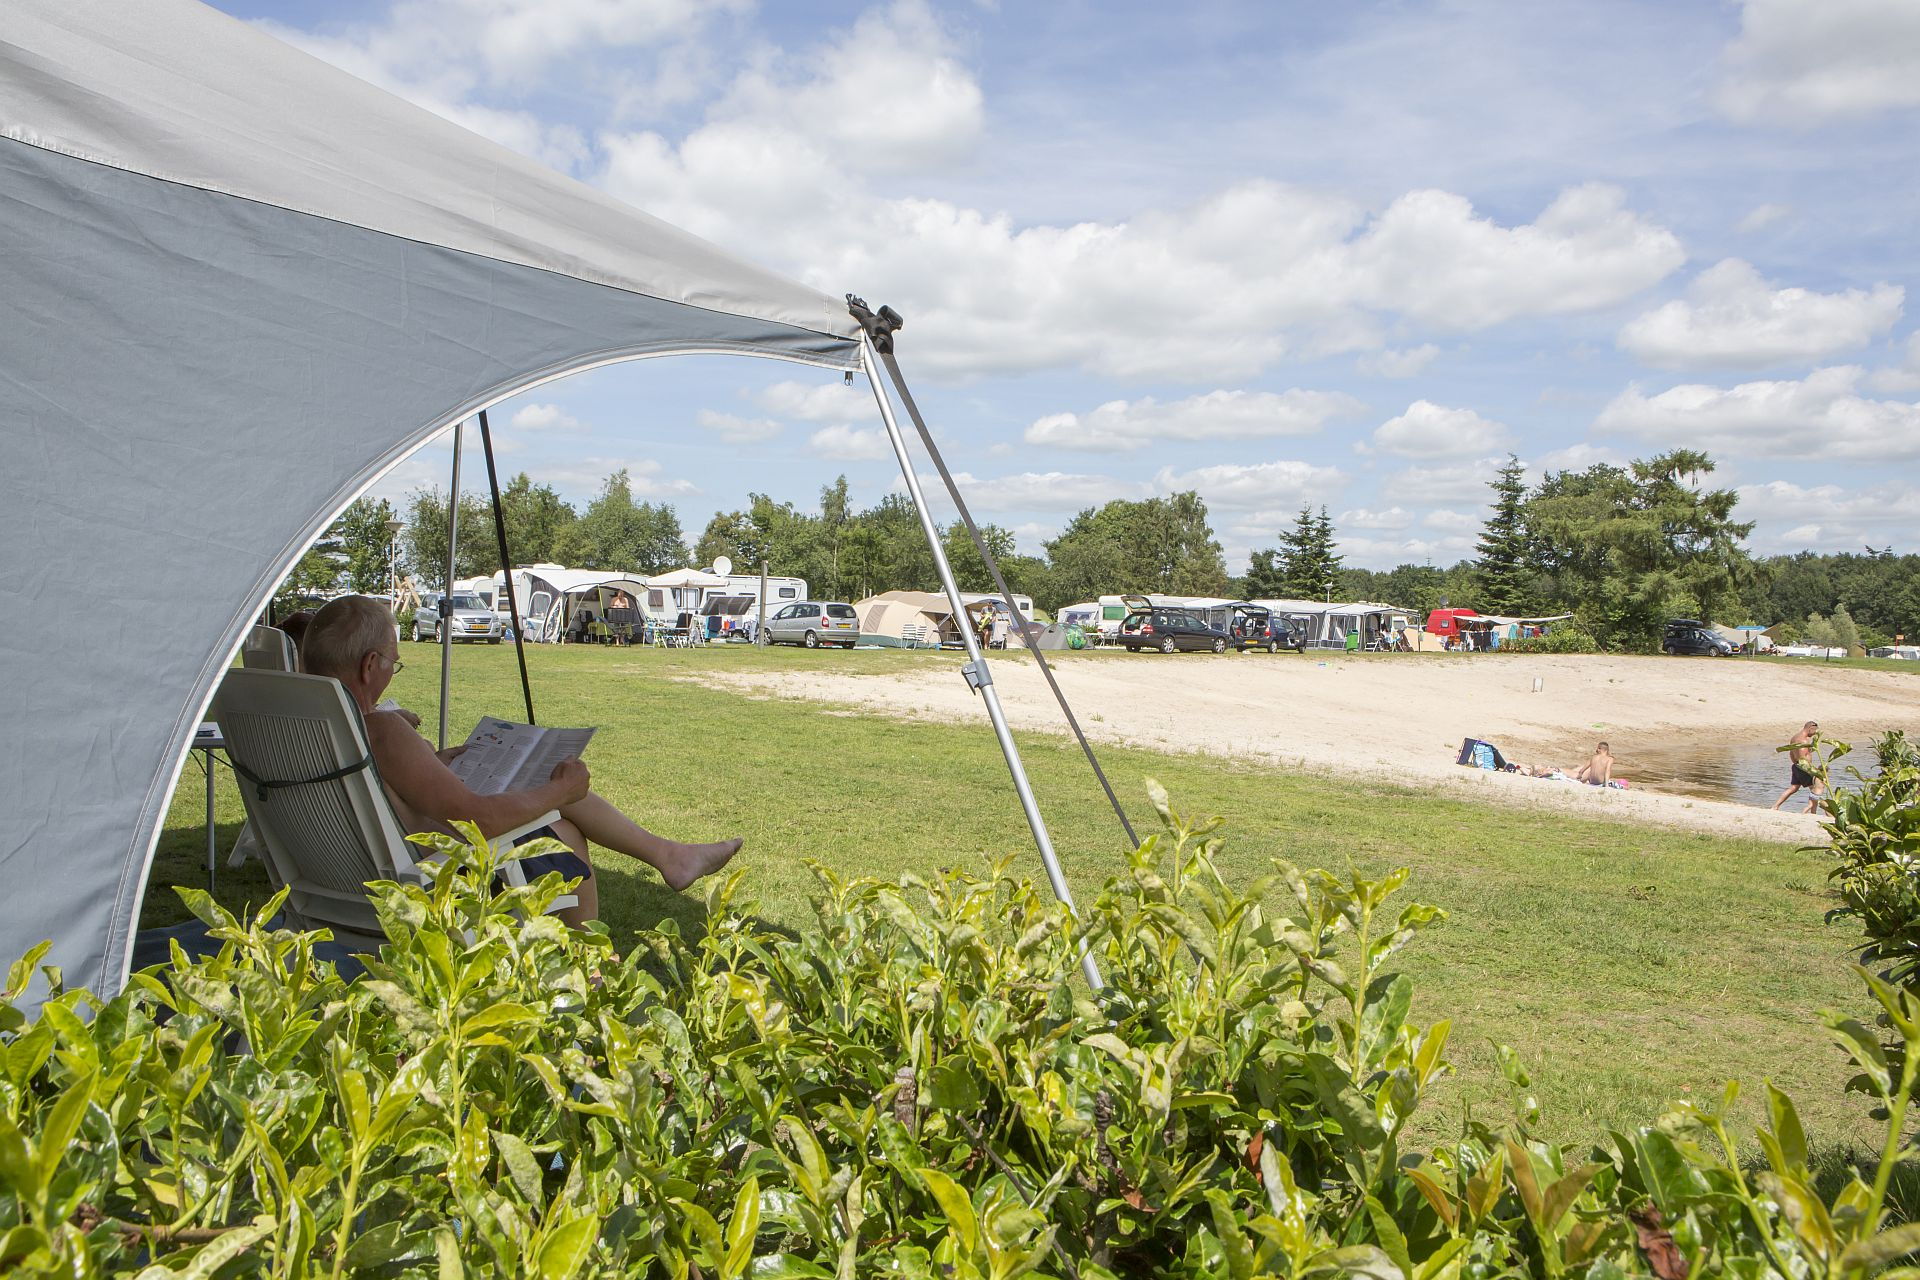 Campingplatz Overijssel 5 Sterne Einrichtungen. -